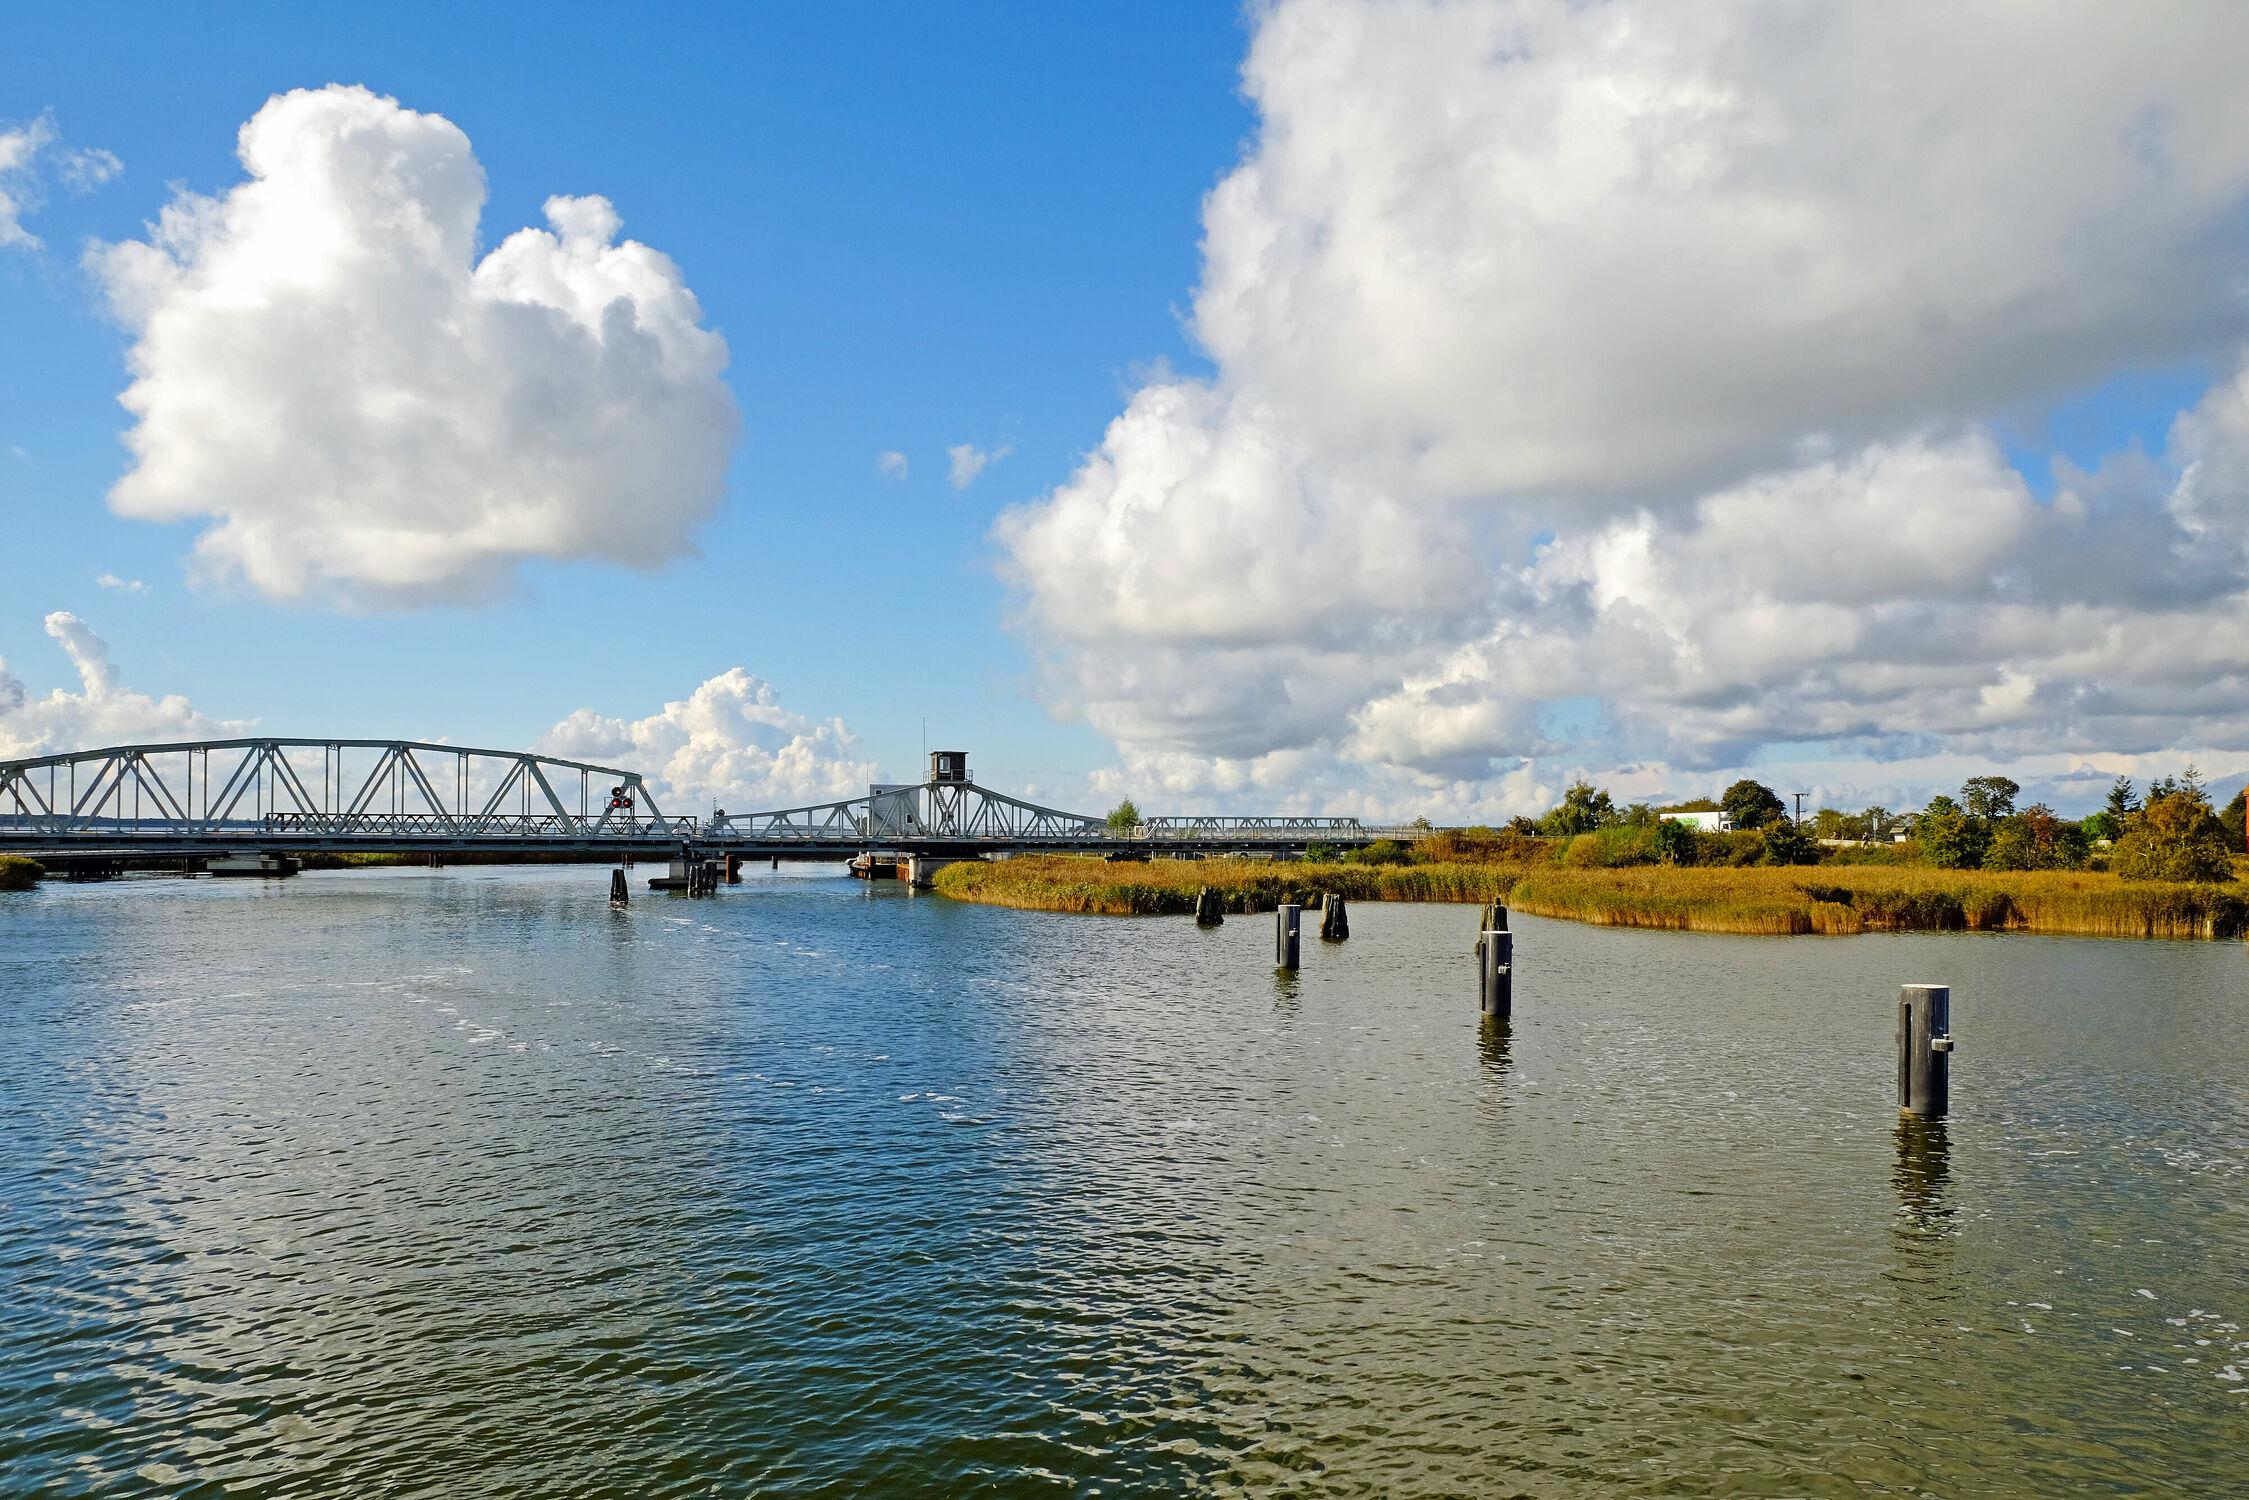 Bild mit Schifffahrt, Eisenbahn, Abendlicht, Bodden, Zingst, Klappbrücke